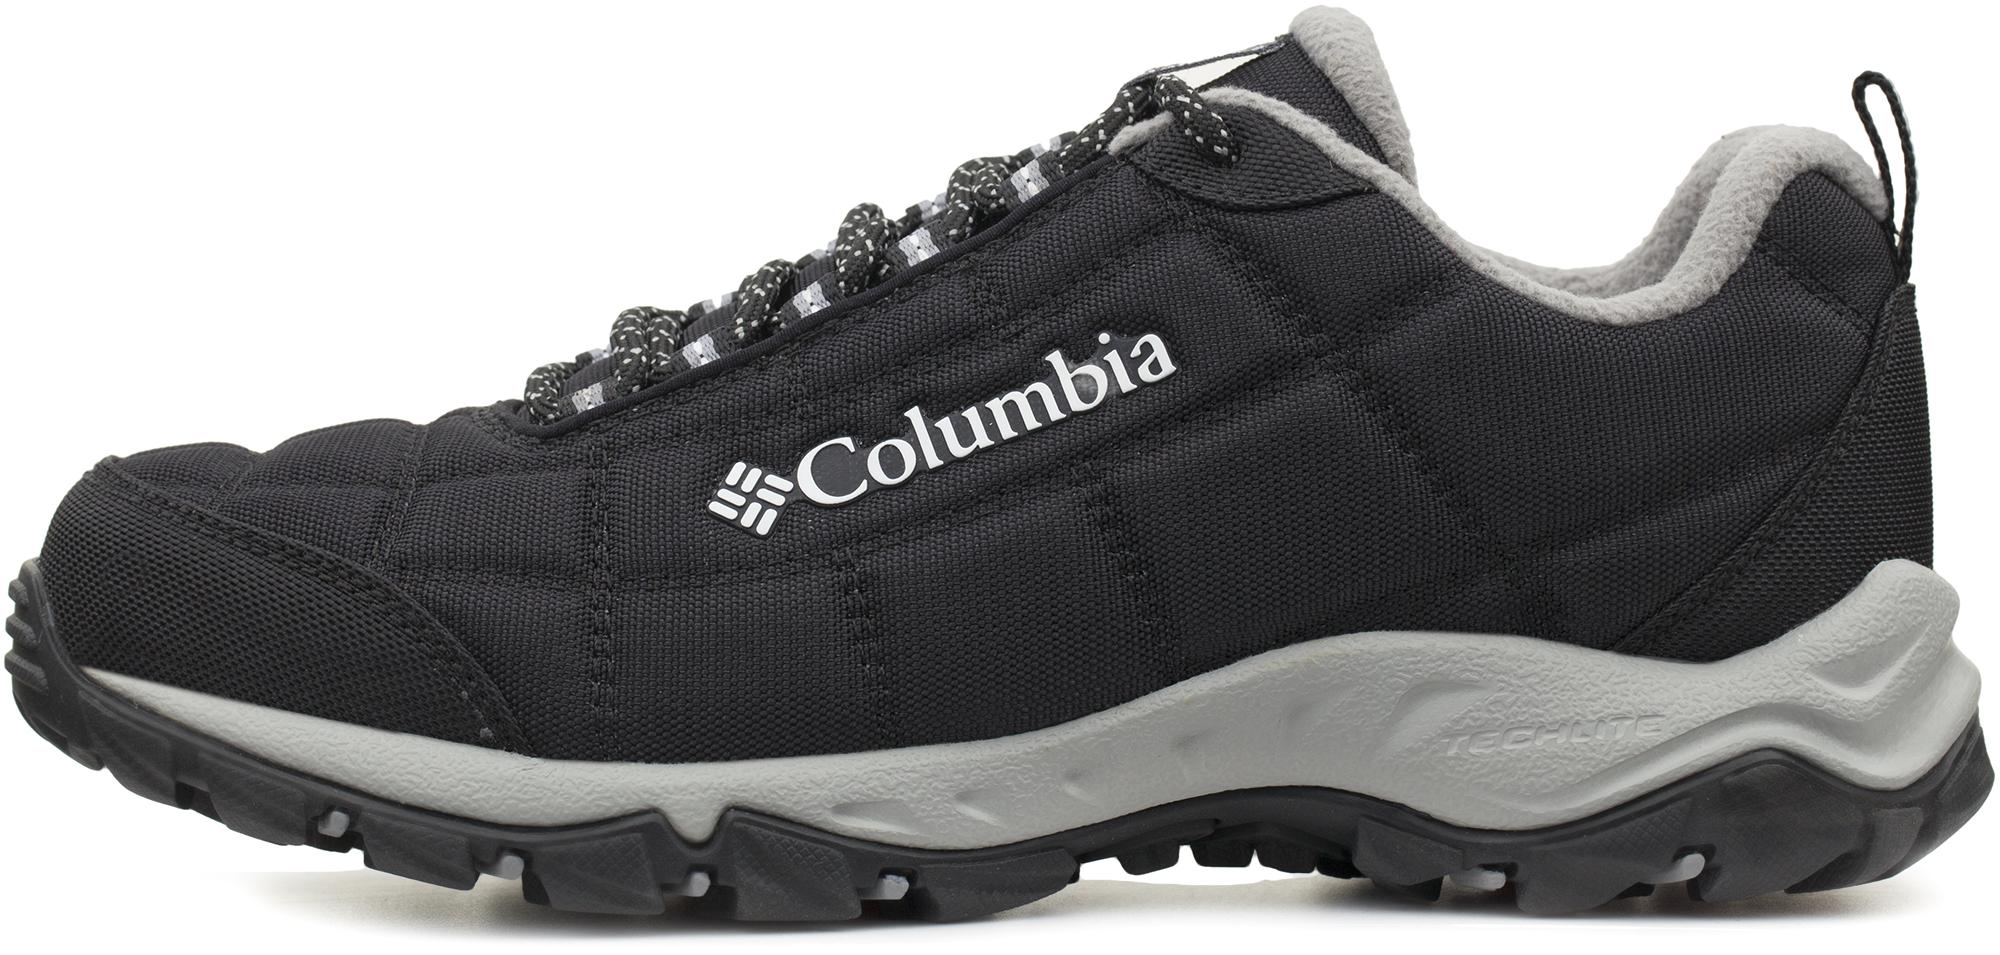 Columbia Ботинки женские Columbia Firecamp, размер 41 цена и фото